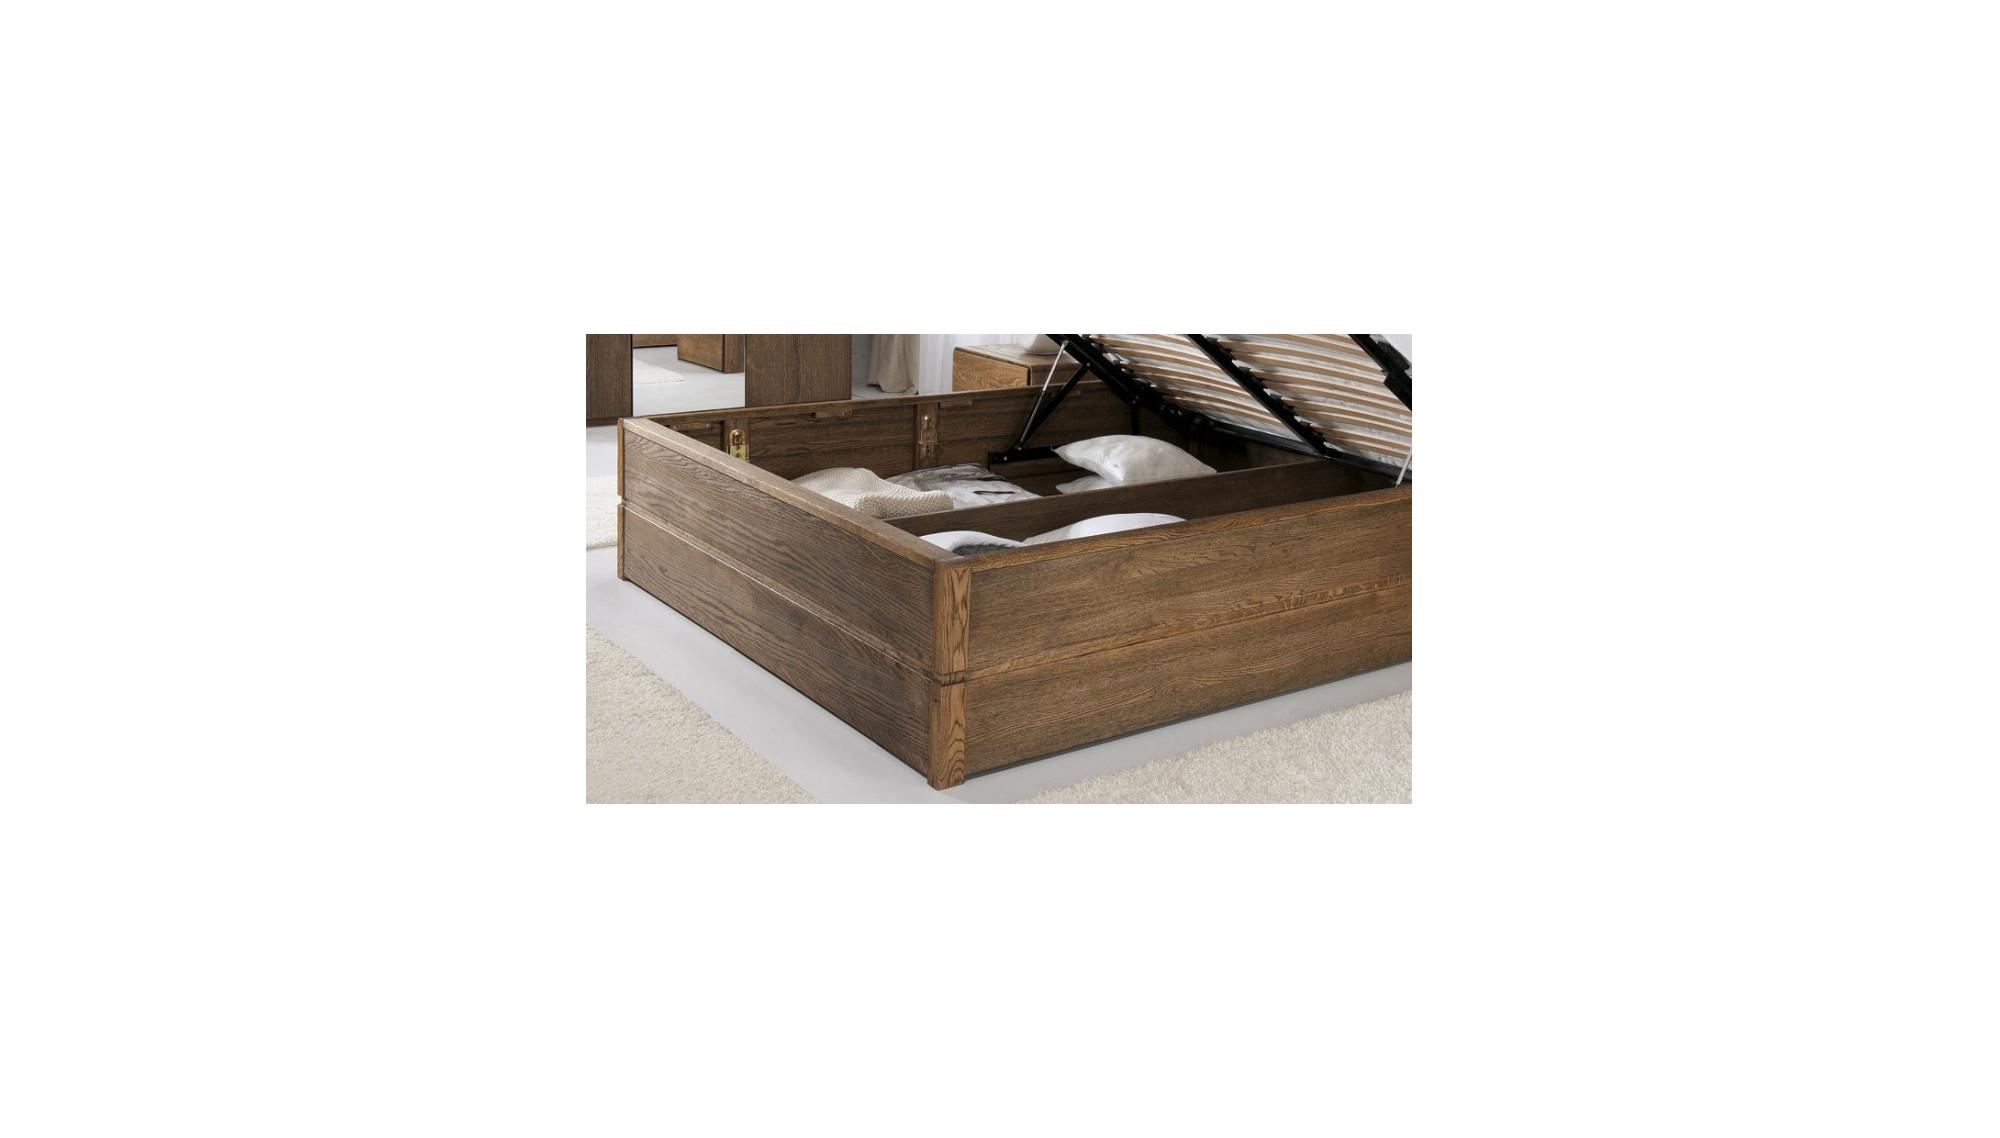 doppelbett mit stauraum 180 x 200 cm gebrannten eiche. Black Bedroom Furniture Sets. Home Design Ideas